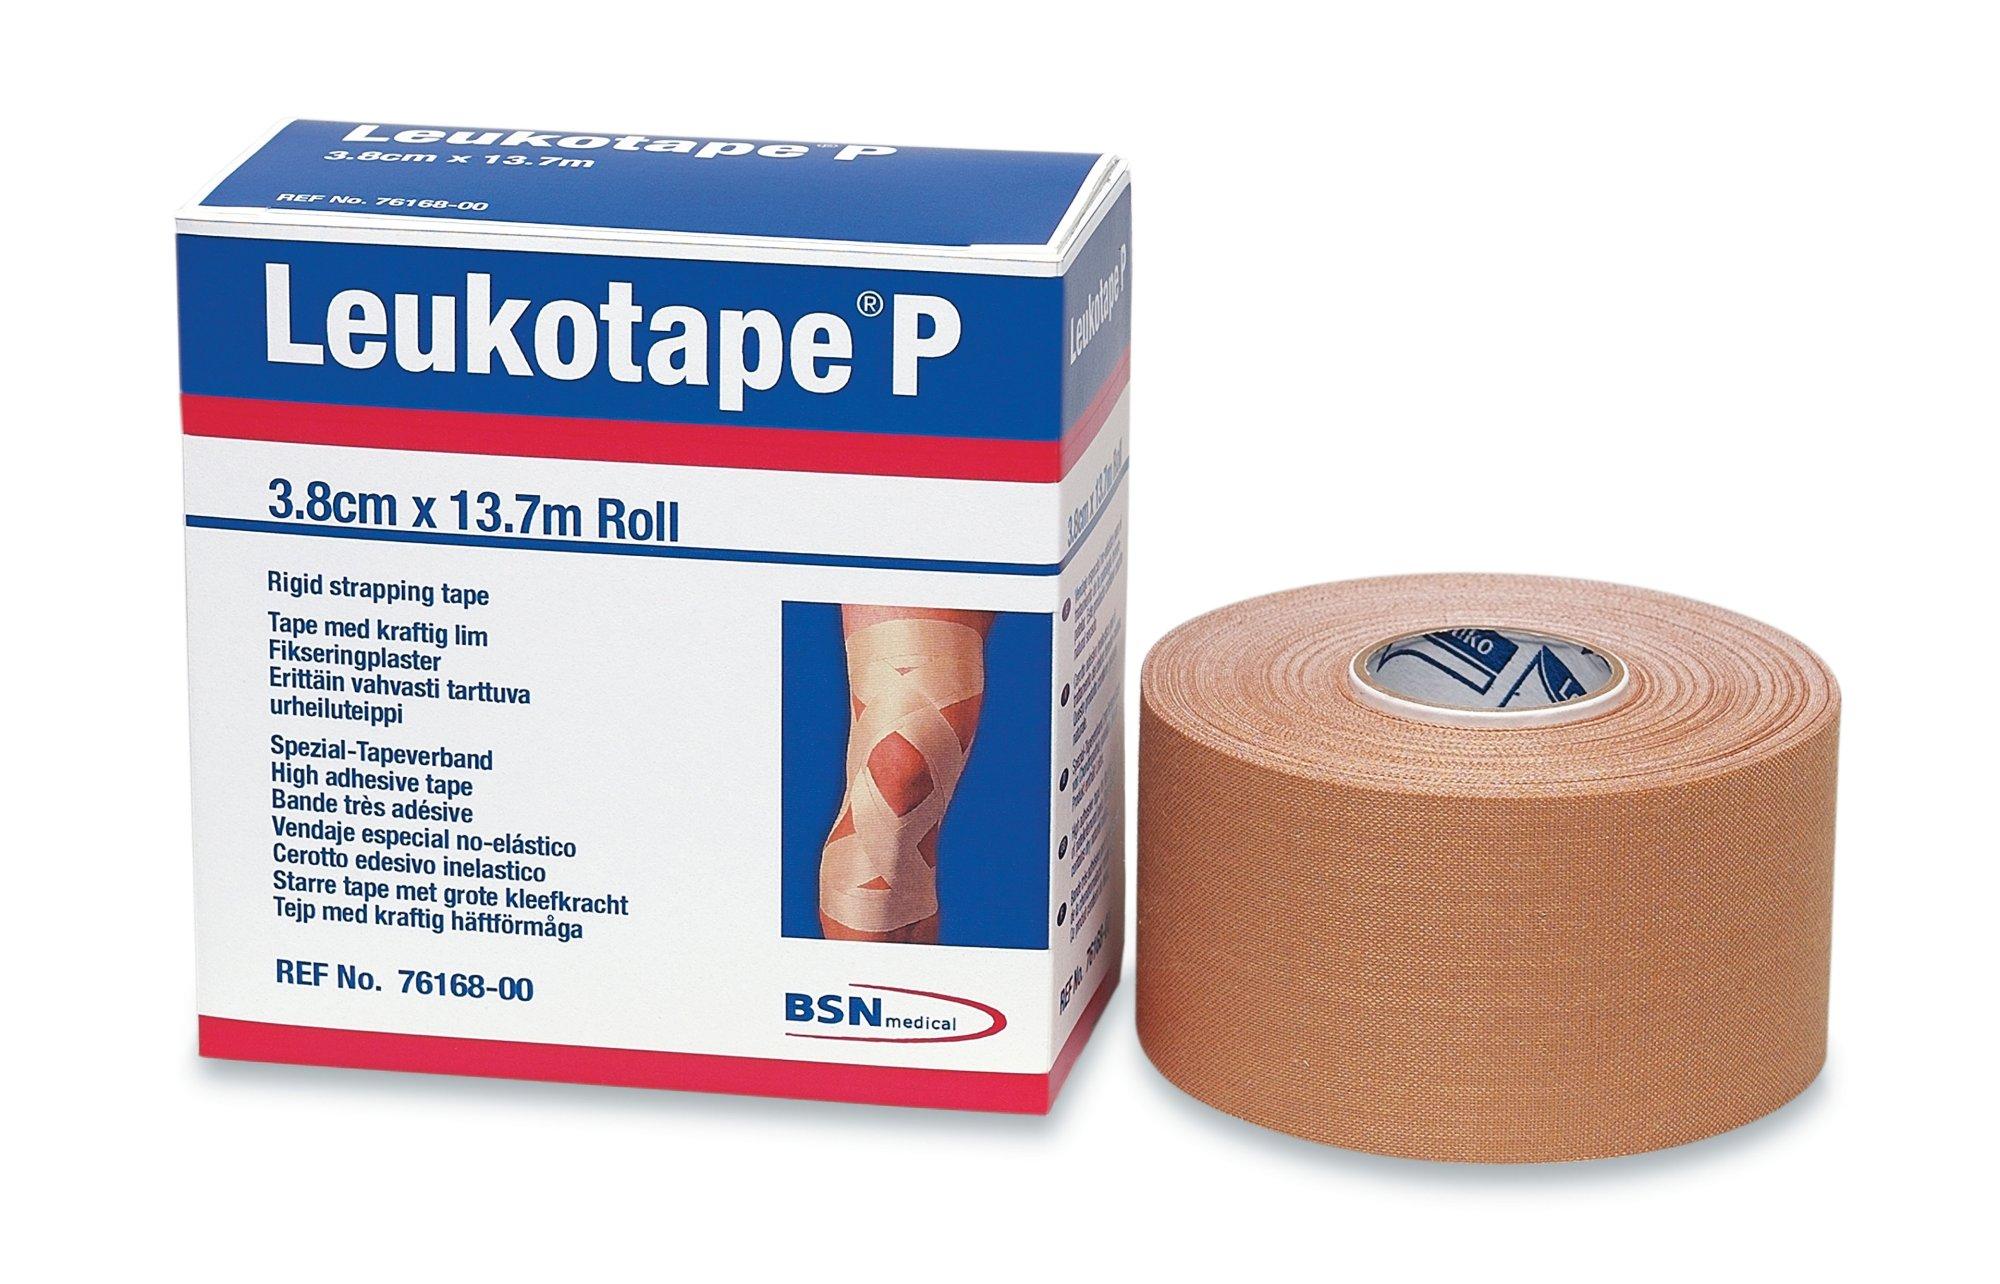 Leukotape® P. Cinta inelástica de alta resistencia. | TAPE